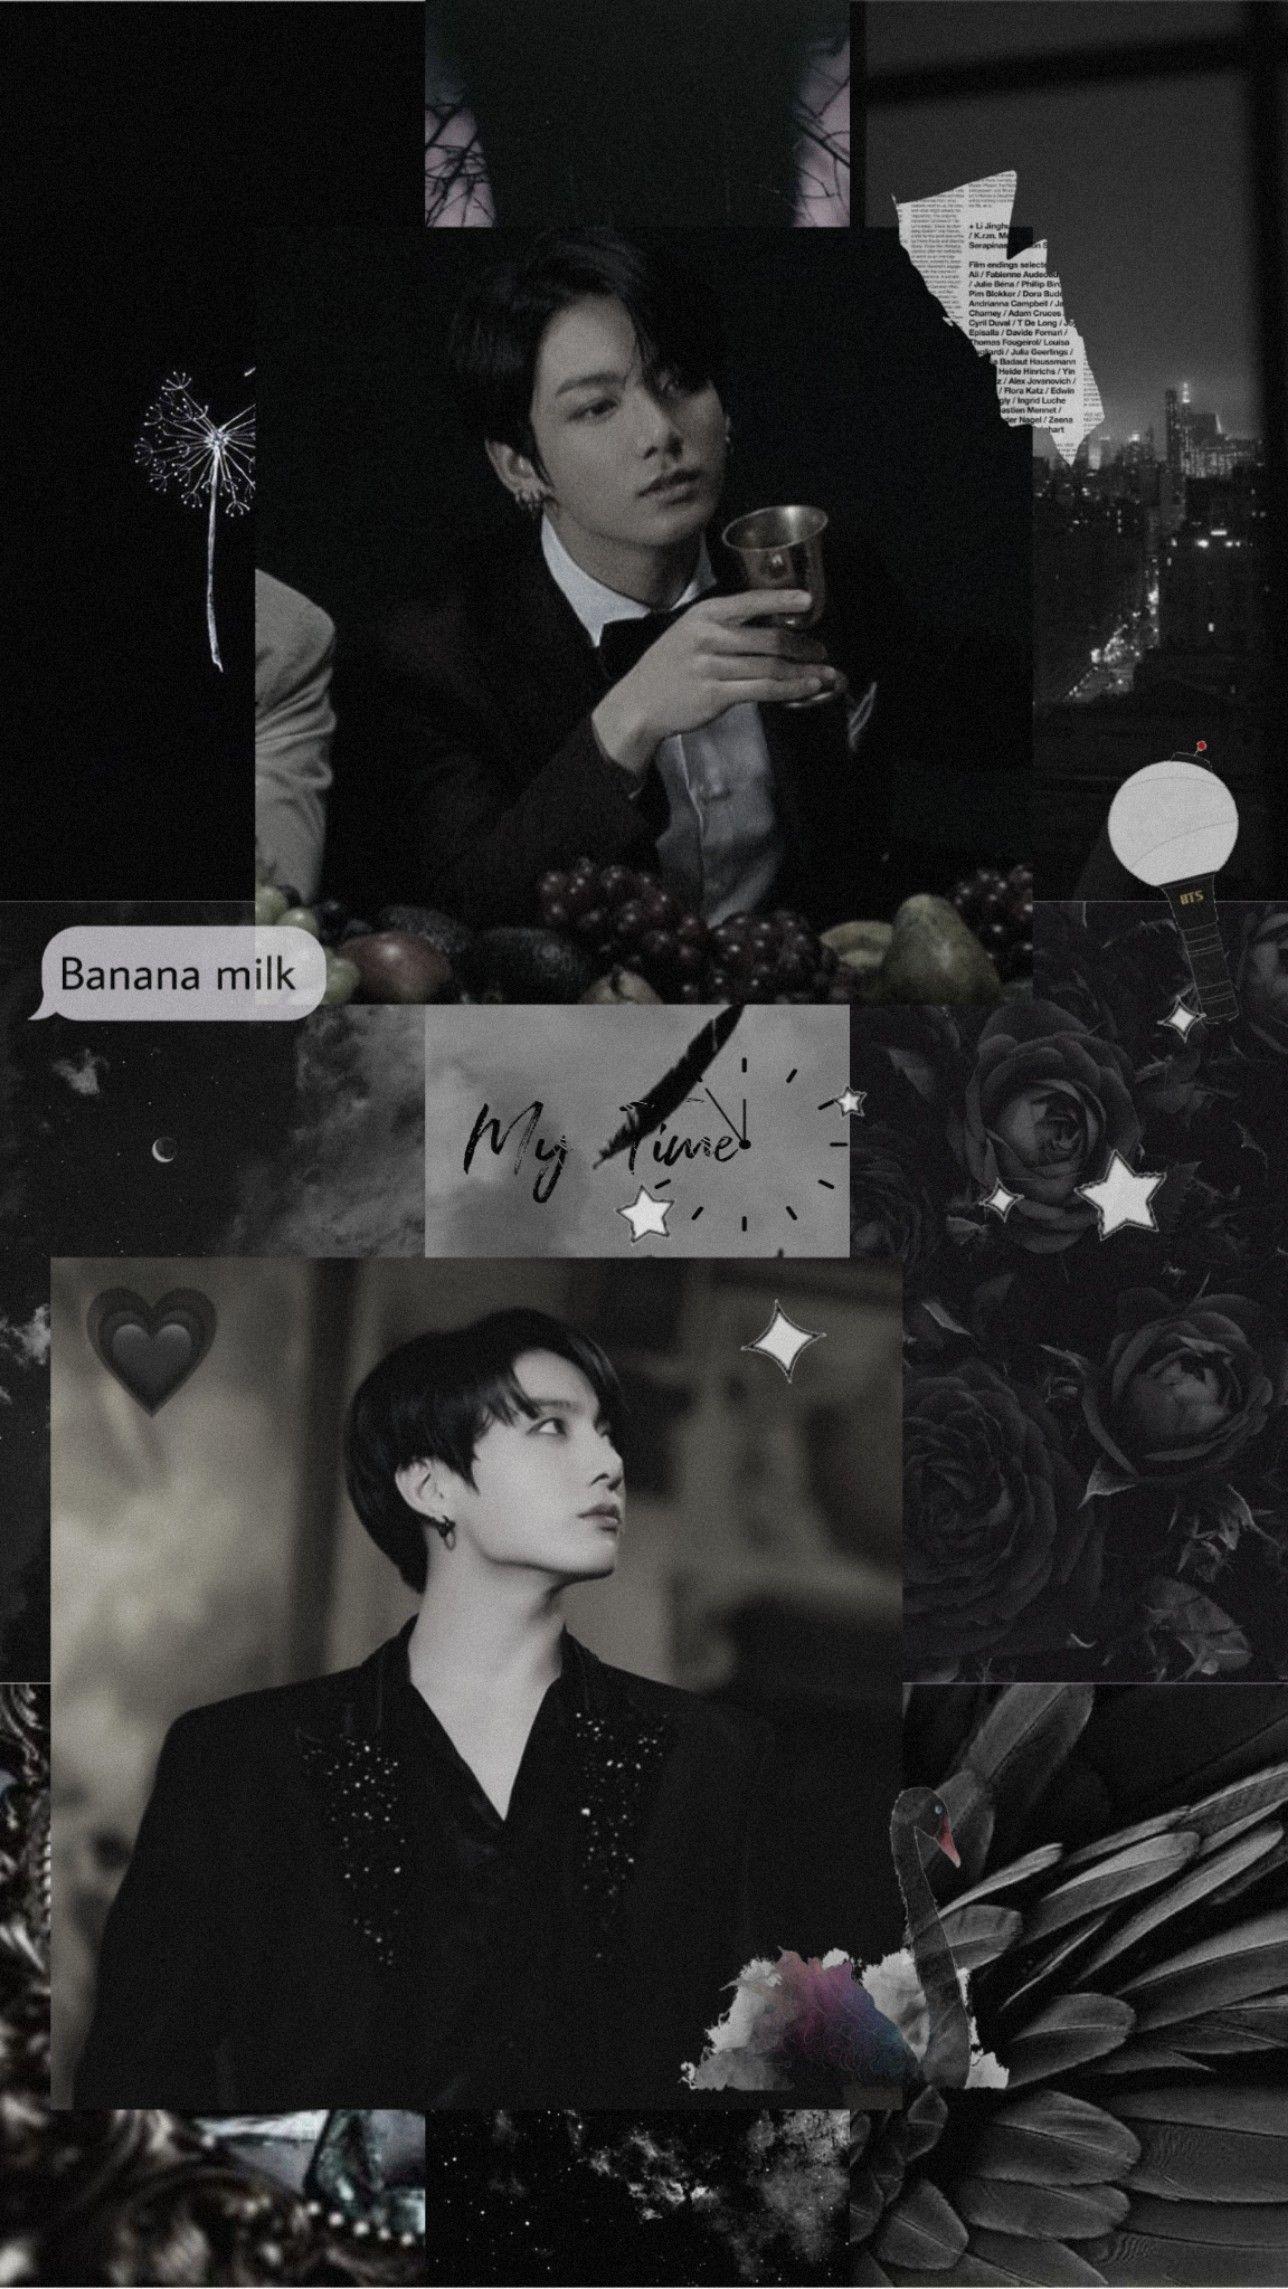 Jungkook Aesthetic Wallpaper Gambar Fotografi Wallpaper Lucu